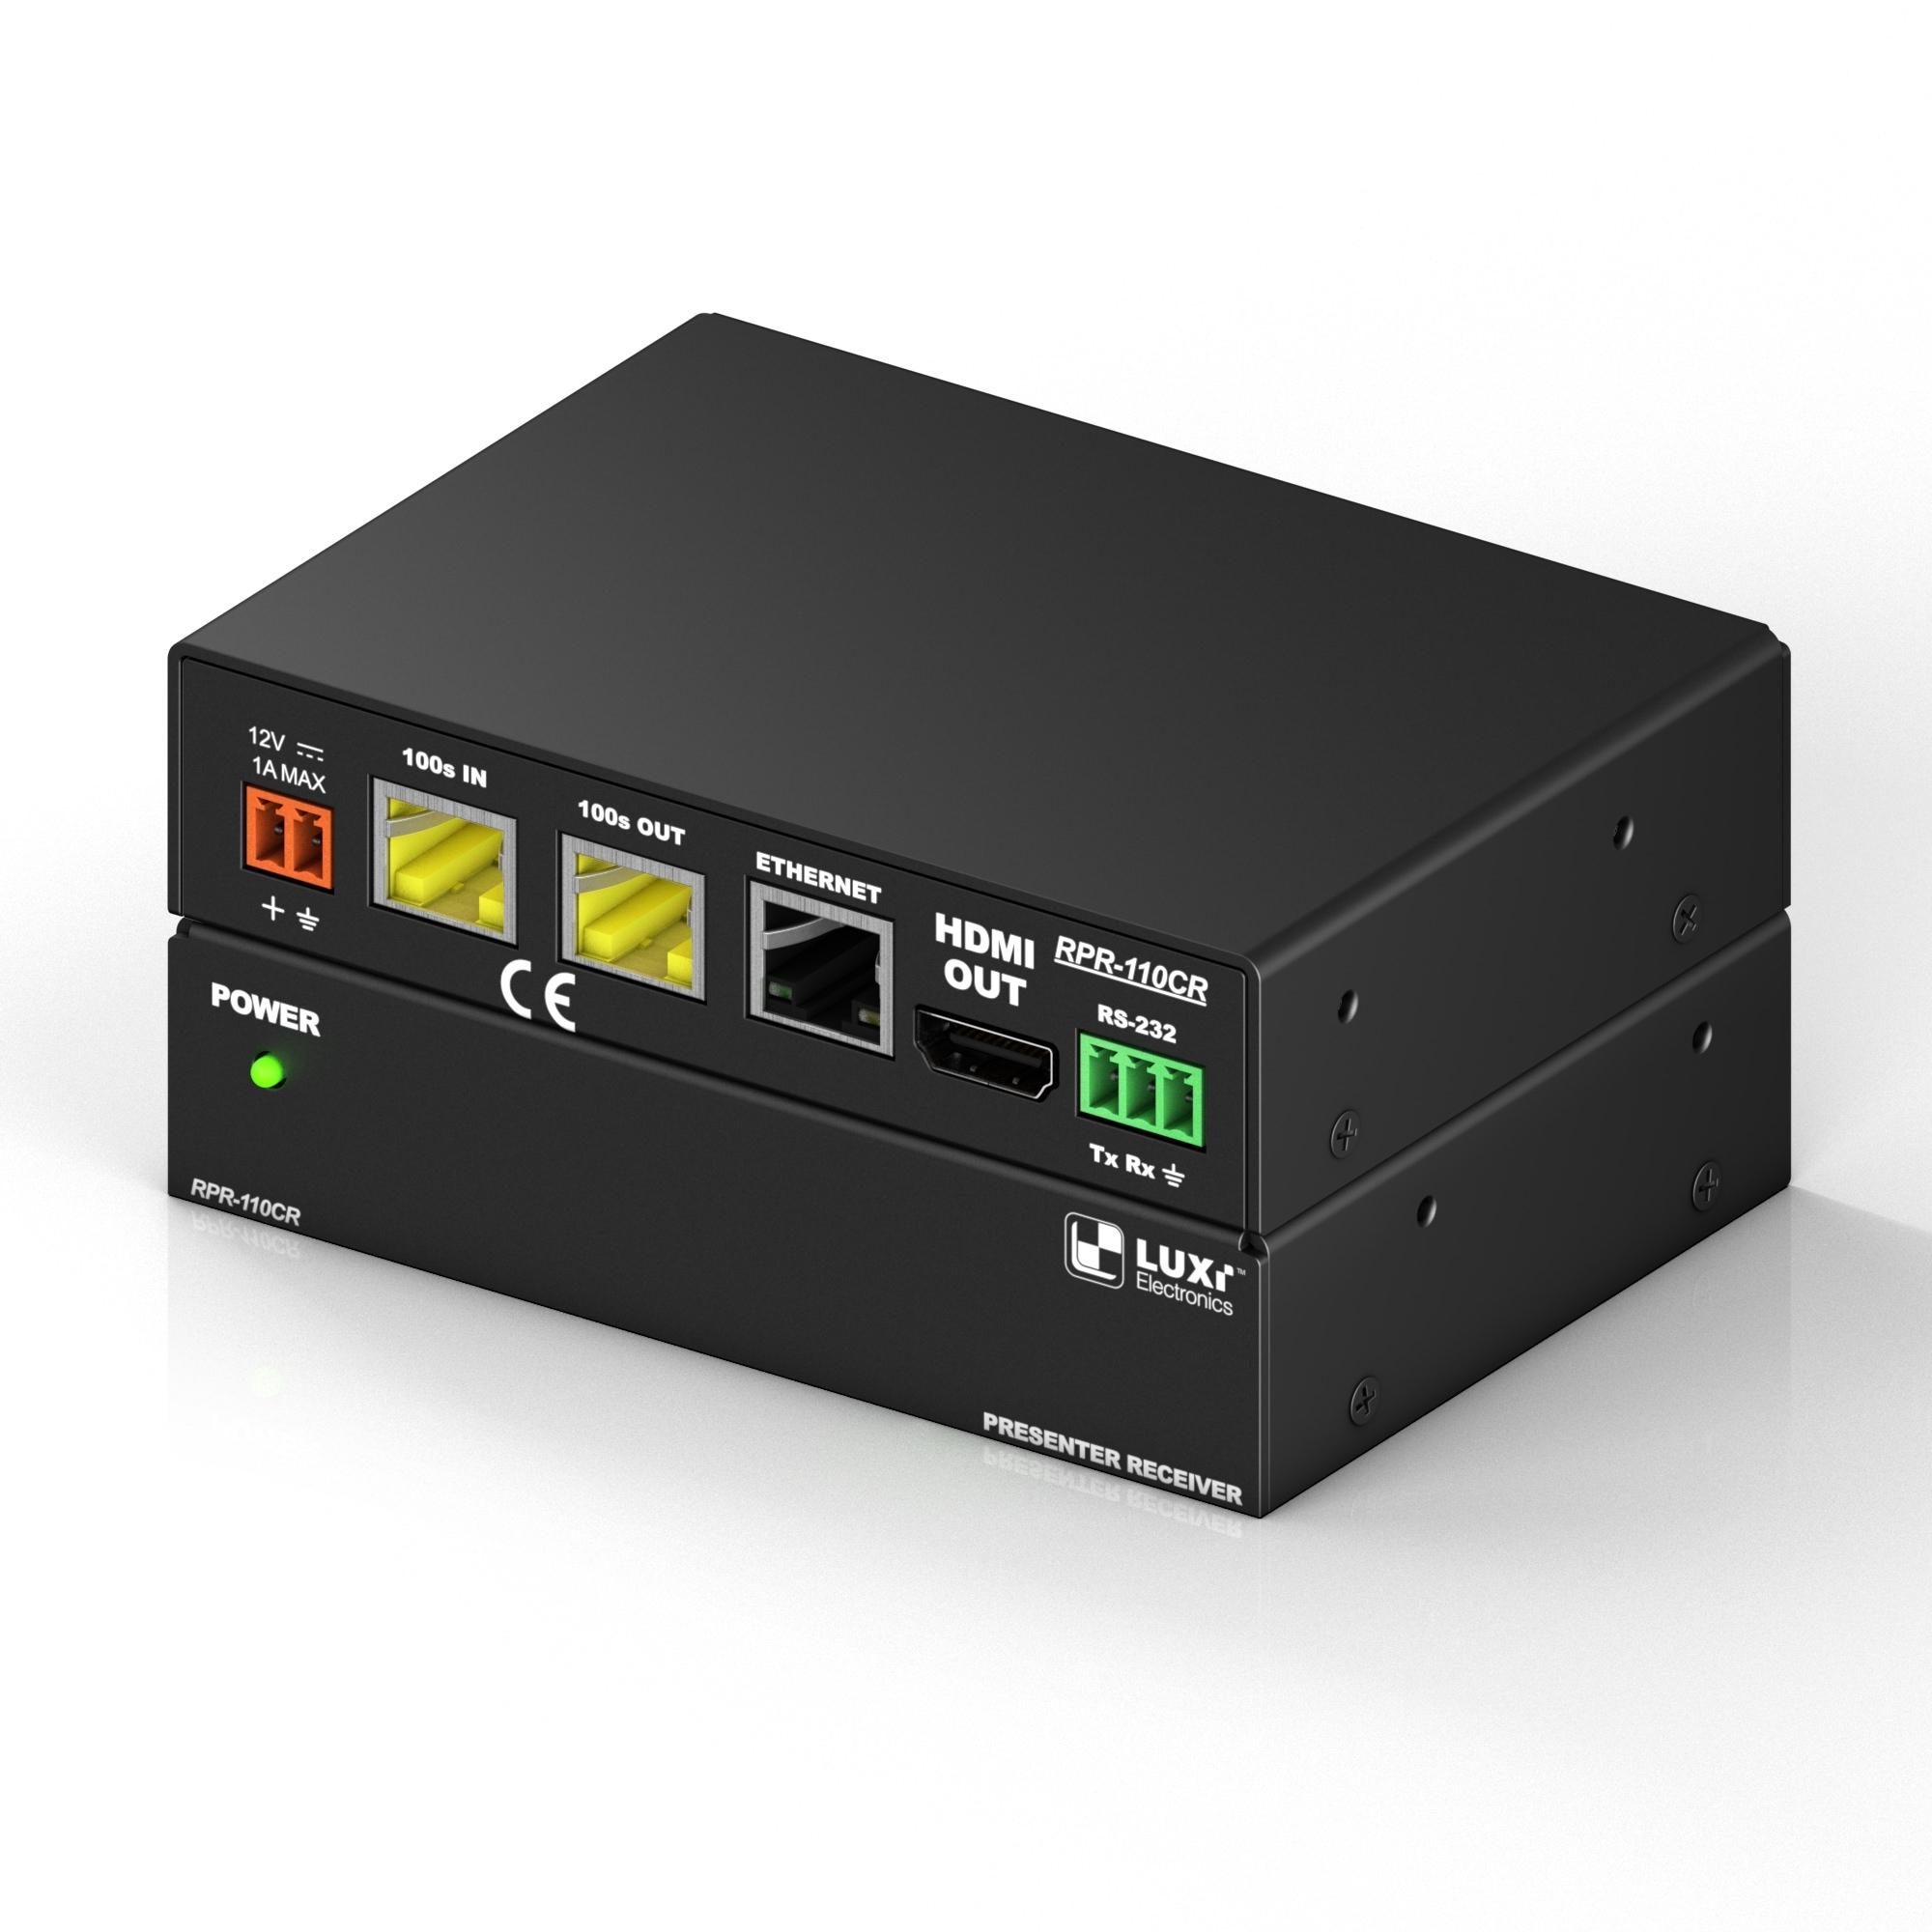 LU-RPR-110CR_0.jpg